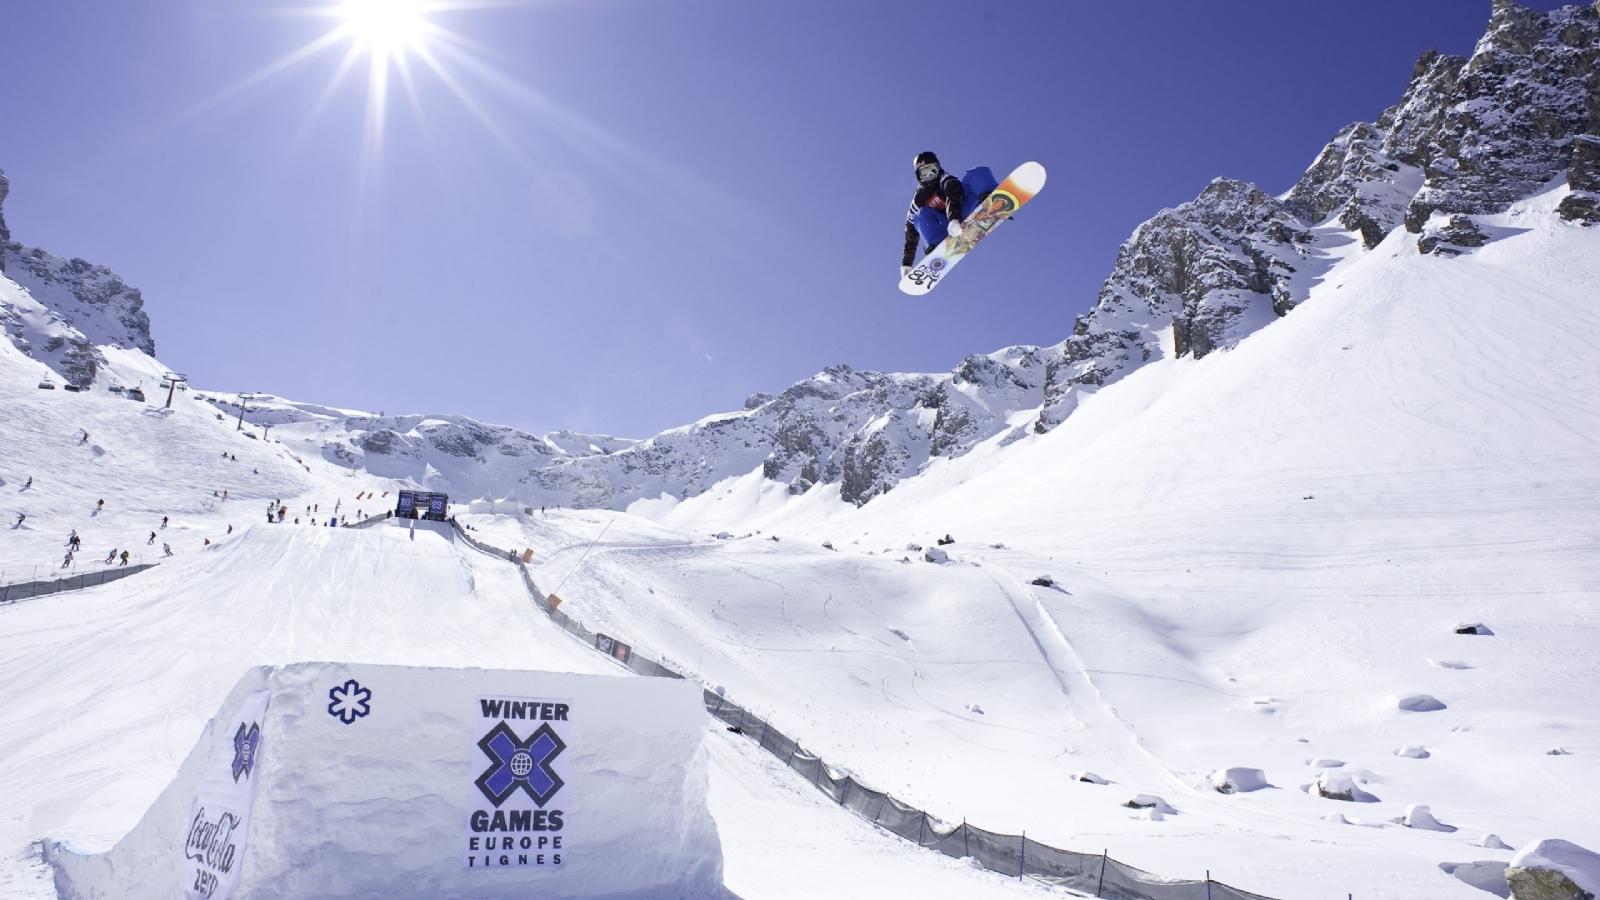 http://2.bp.blogspot.com/-KE6sV7G1qe0/Tw0oPzIAvaI/AAAAAAAABT4/ElaeB_wMSYE/s1600/Snowboarding+Wallpaper+5.jpg